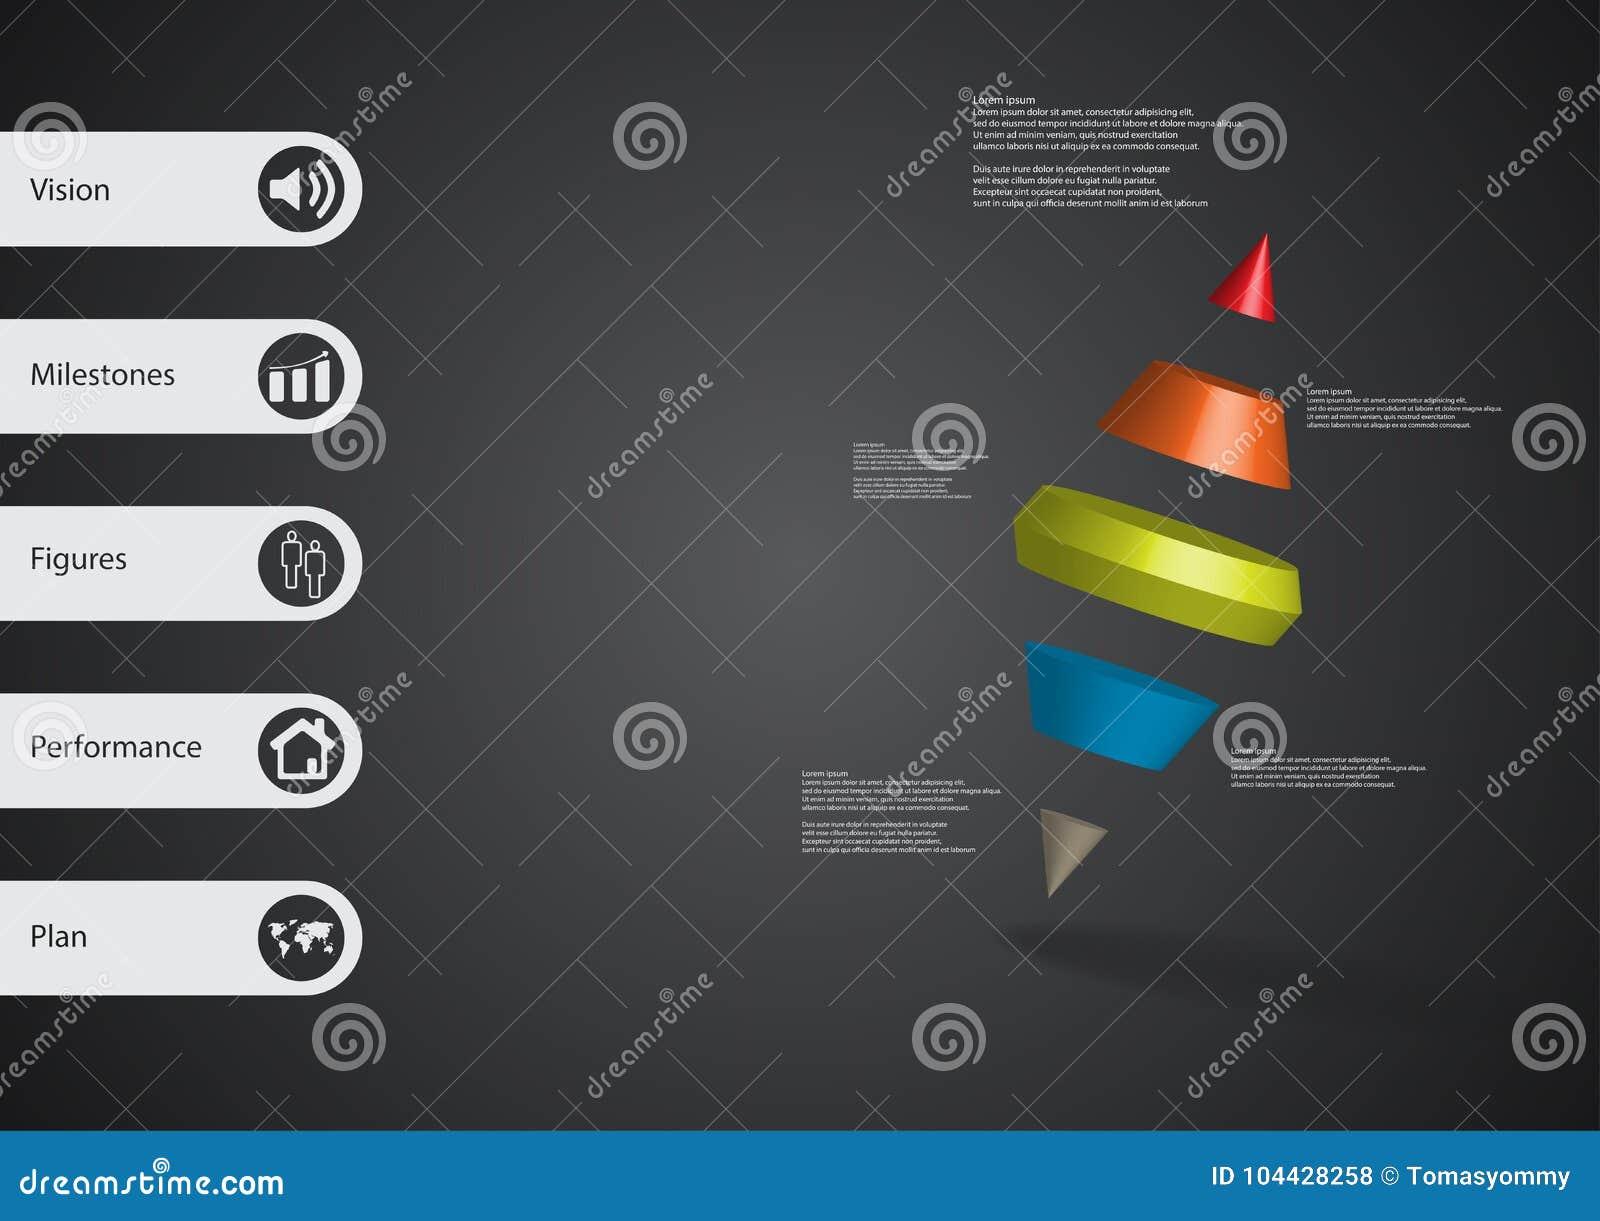 Molde infographic da ilustração 3D com o cone de dois pontos dividido a cinco porções oblíquo arranjado